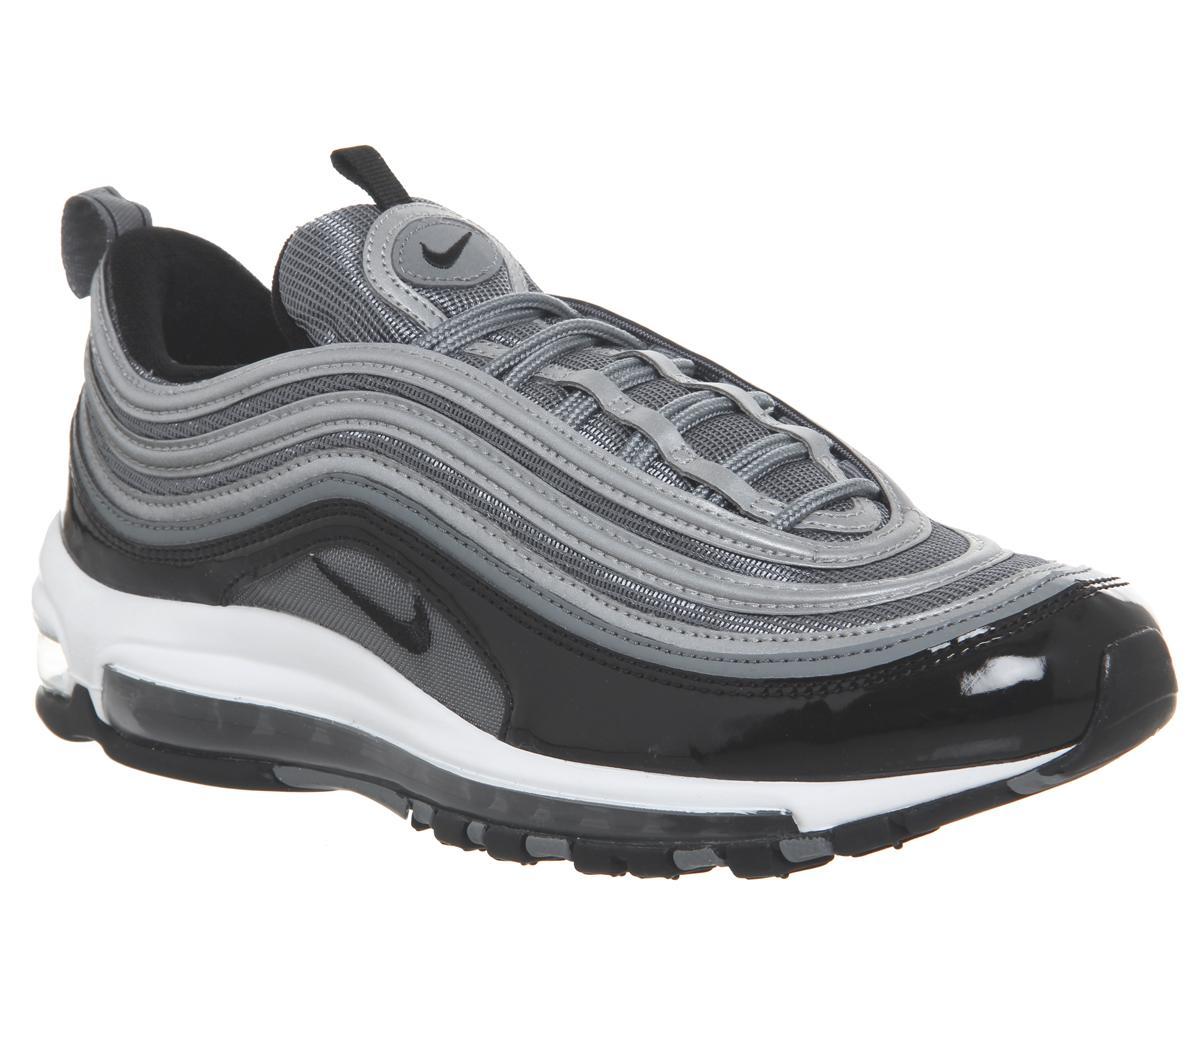 Avanzar Apto Sucio  black and grey 97 Cheap Nike Air Max Shoes